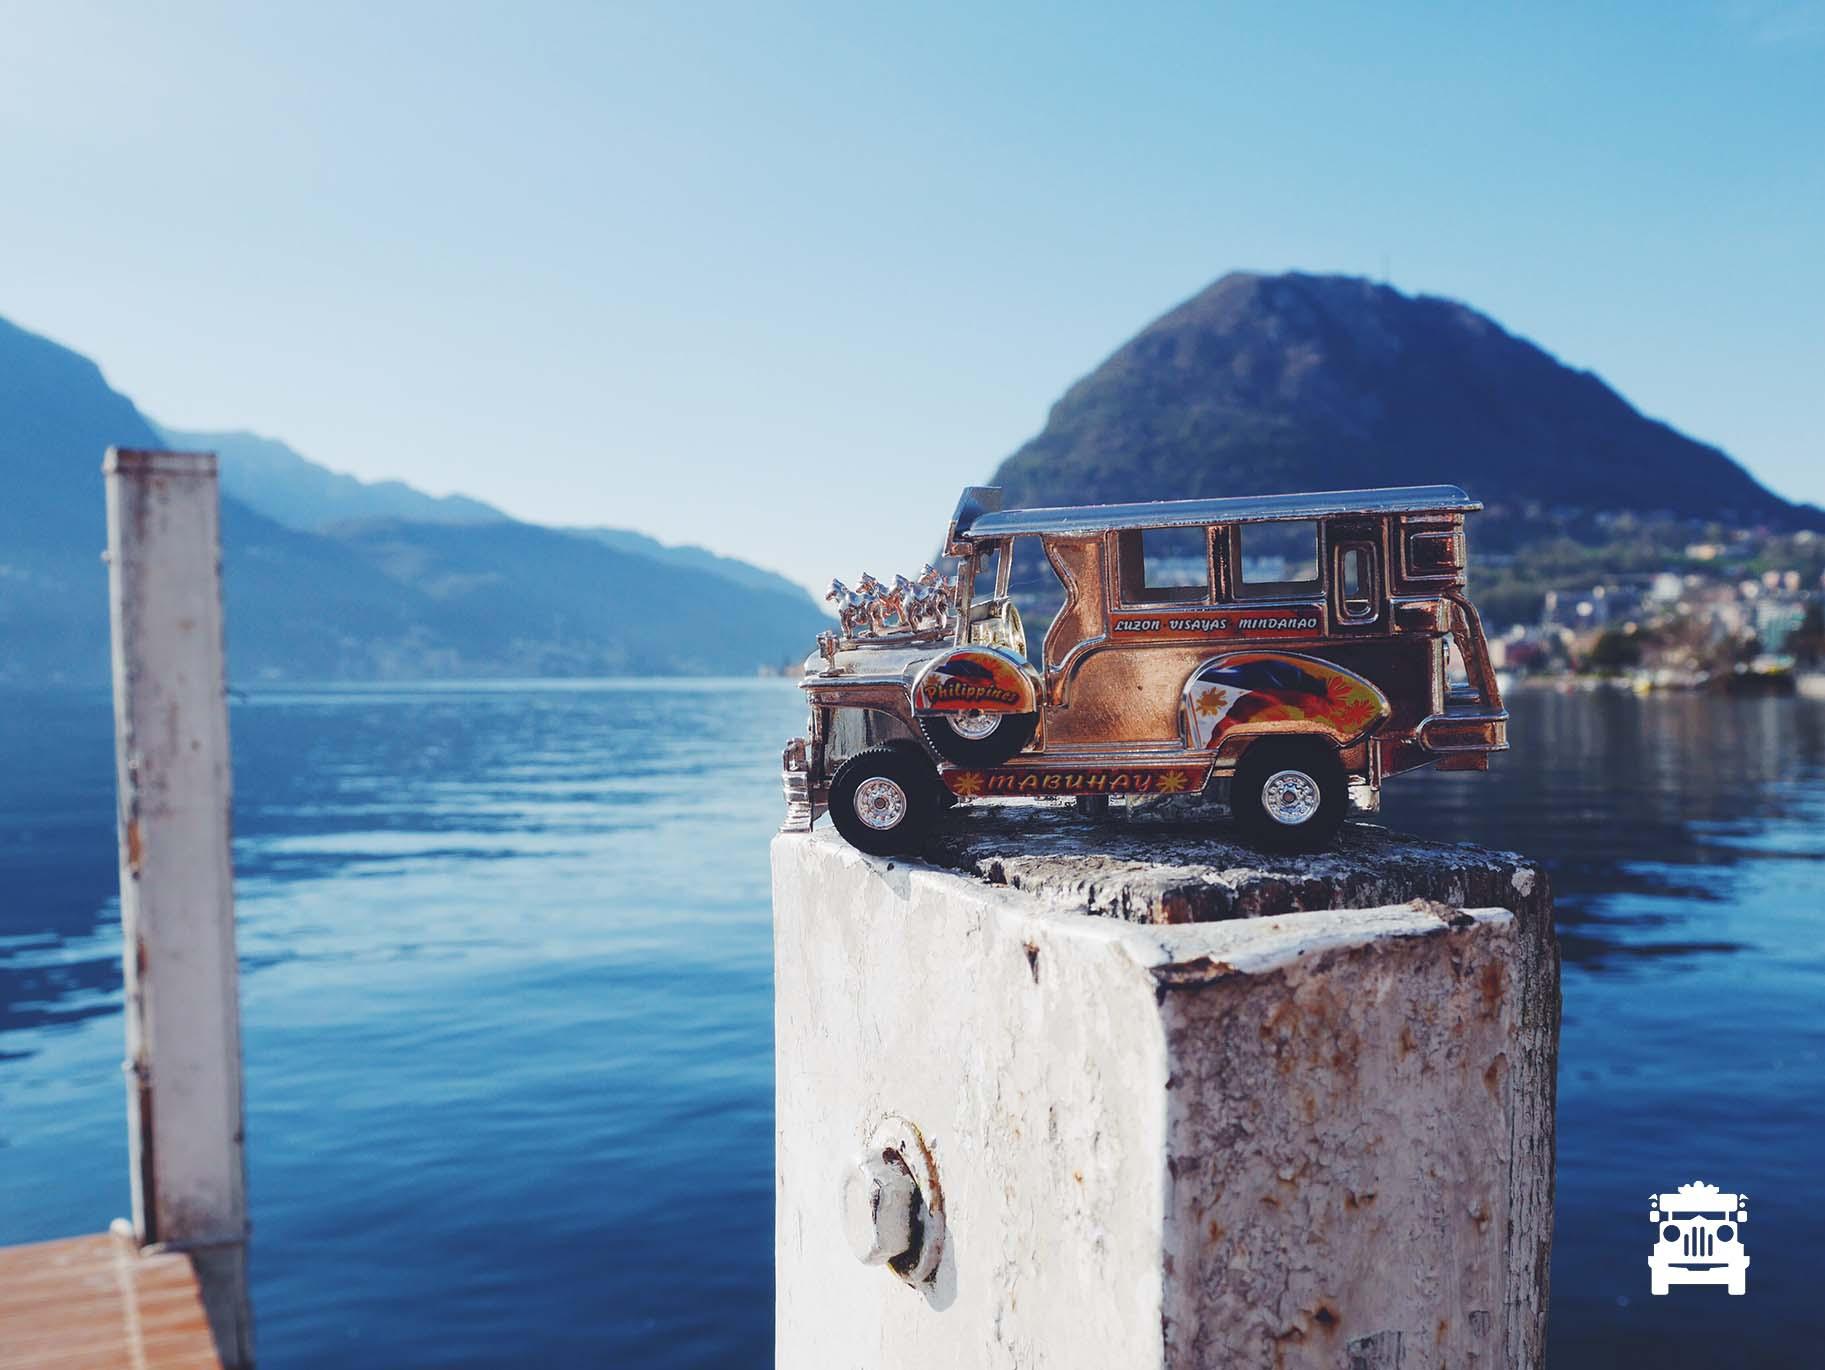 Jeep in Lugano